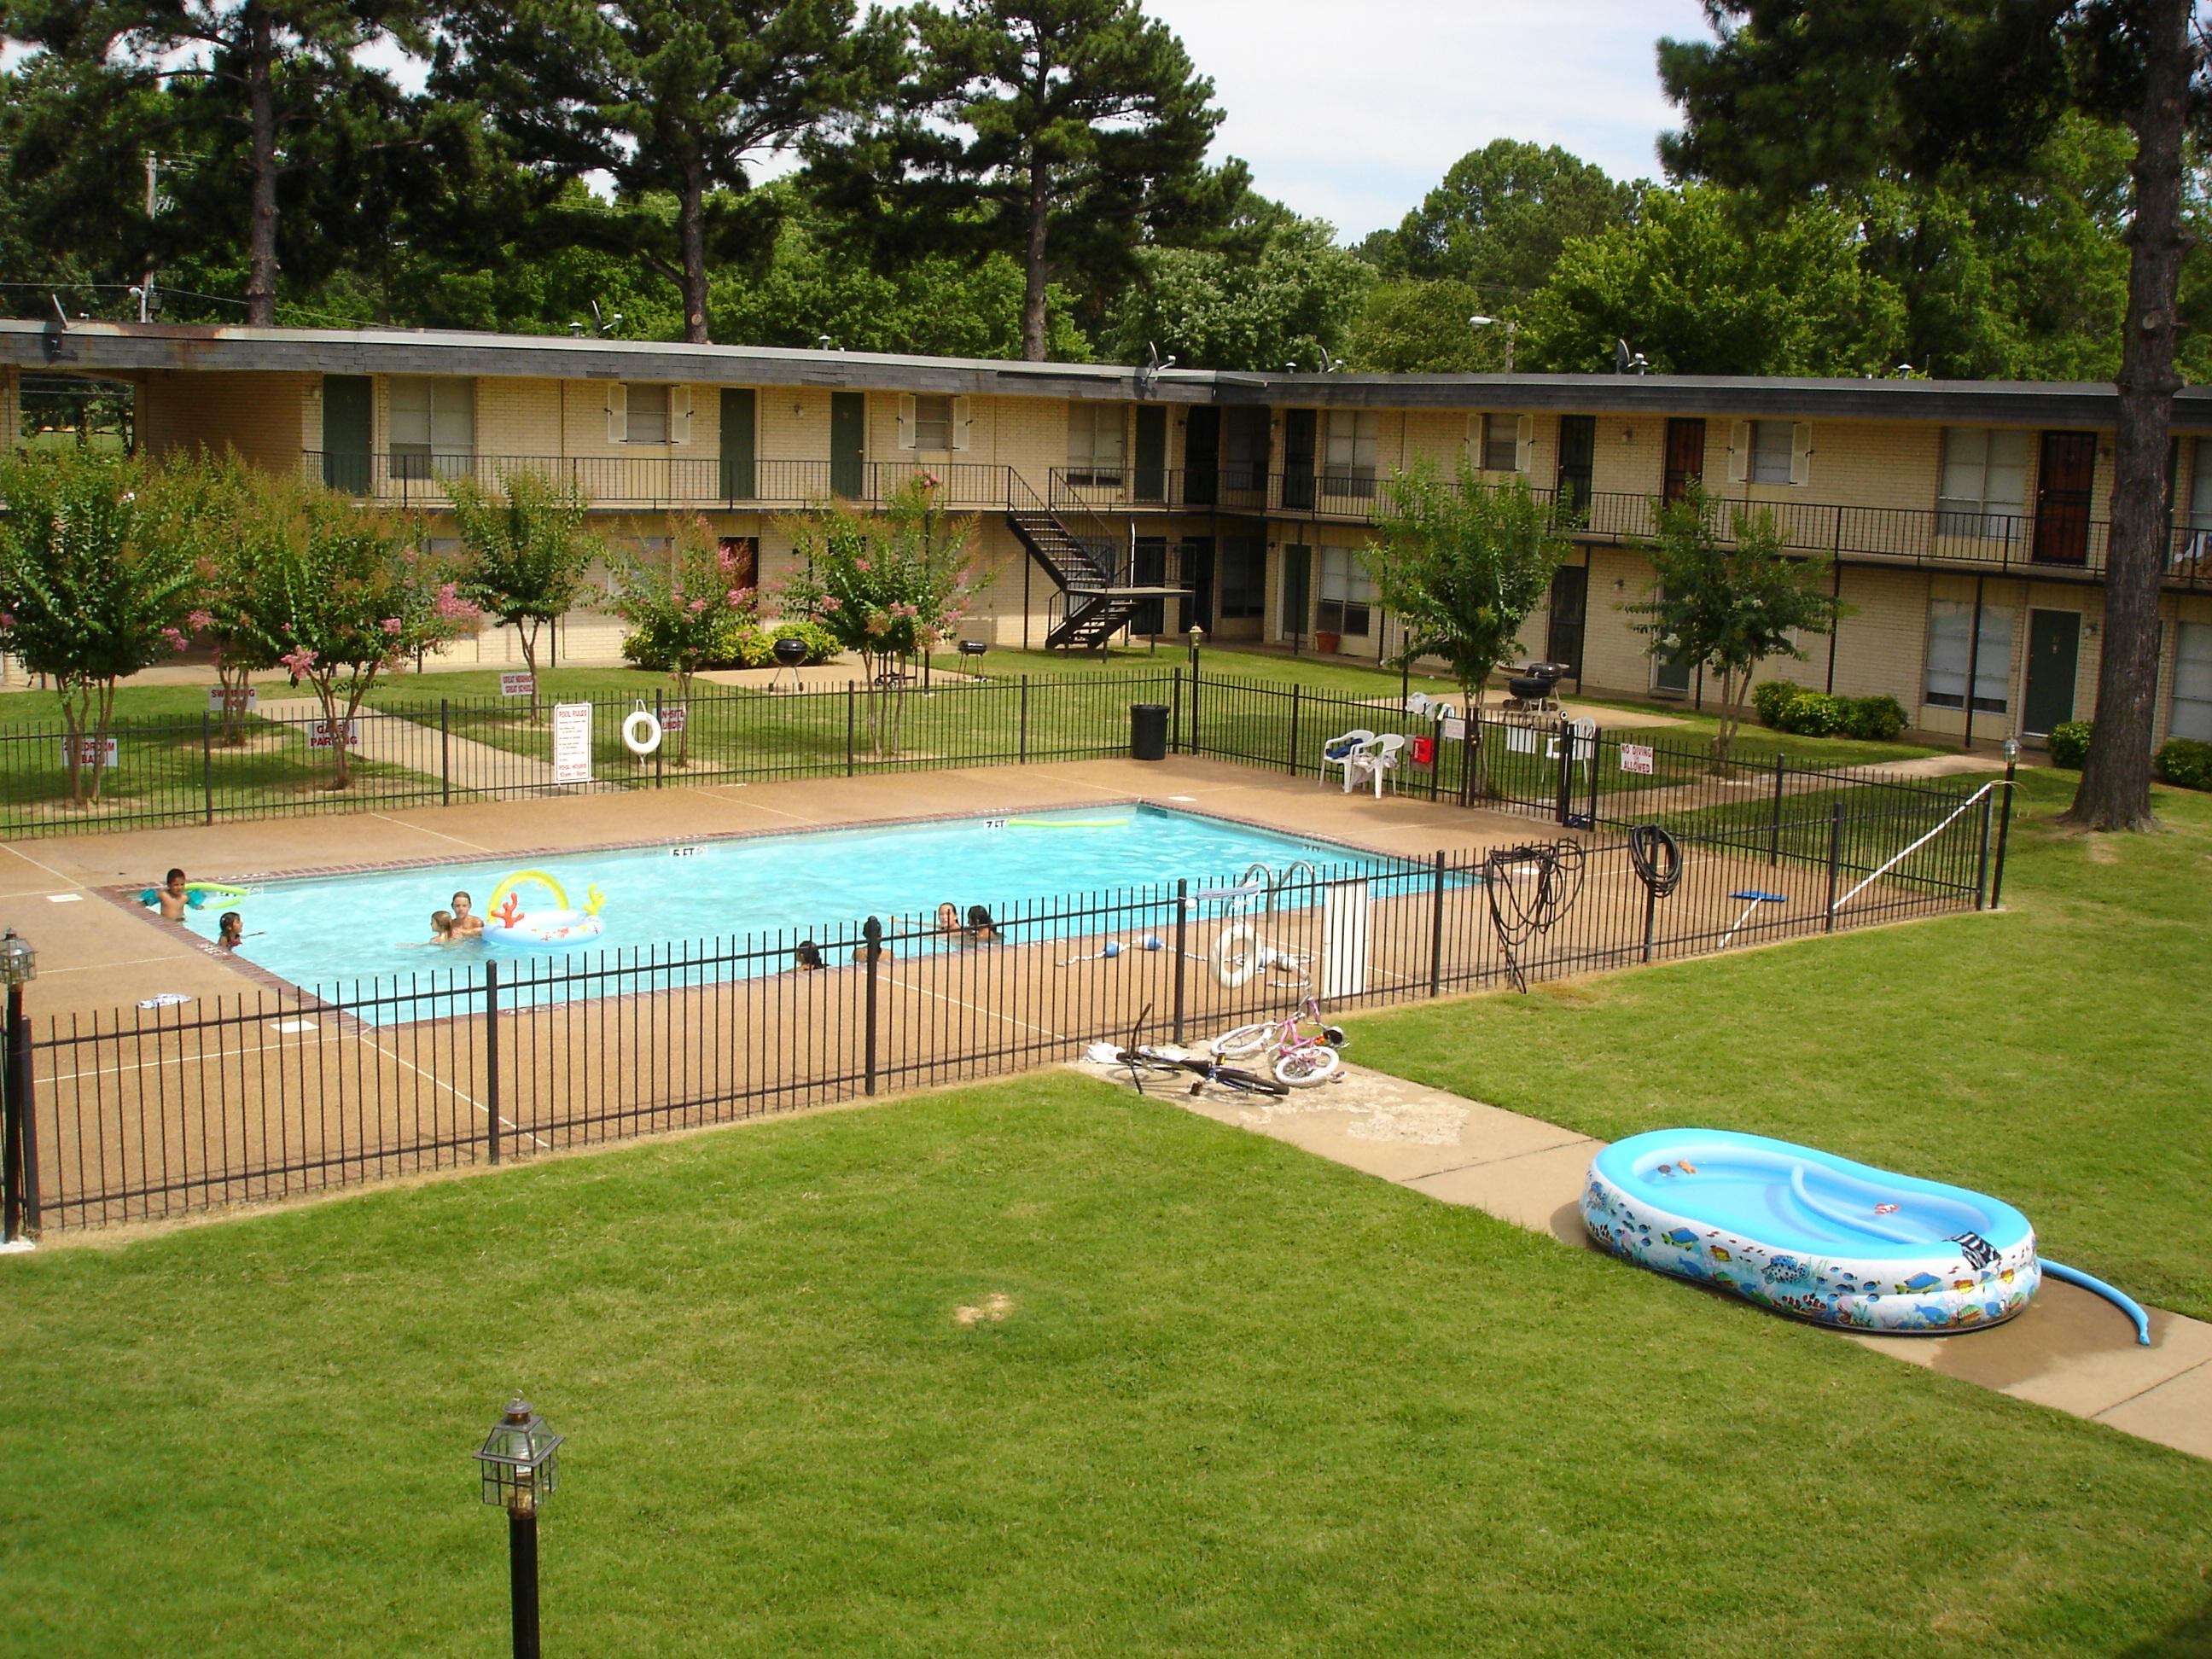 Memphis Property Management, Rental, Real Estate - J D Marks